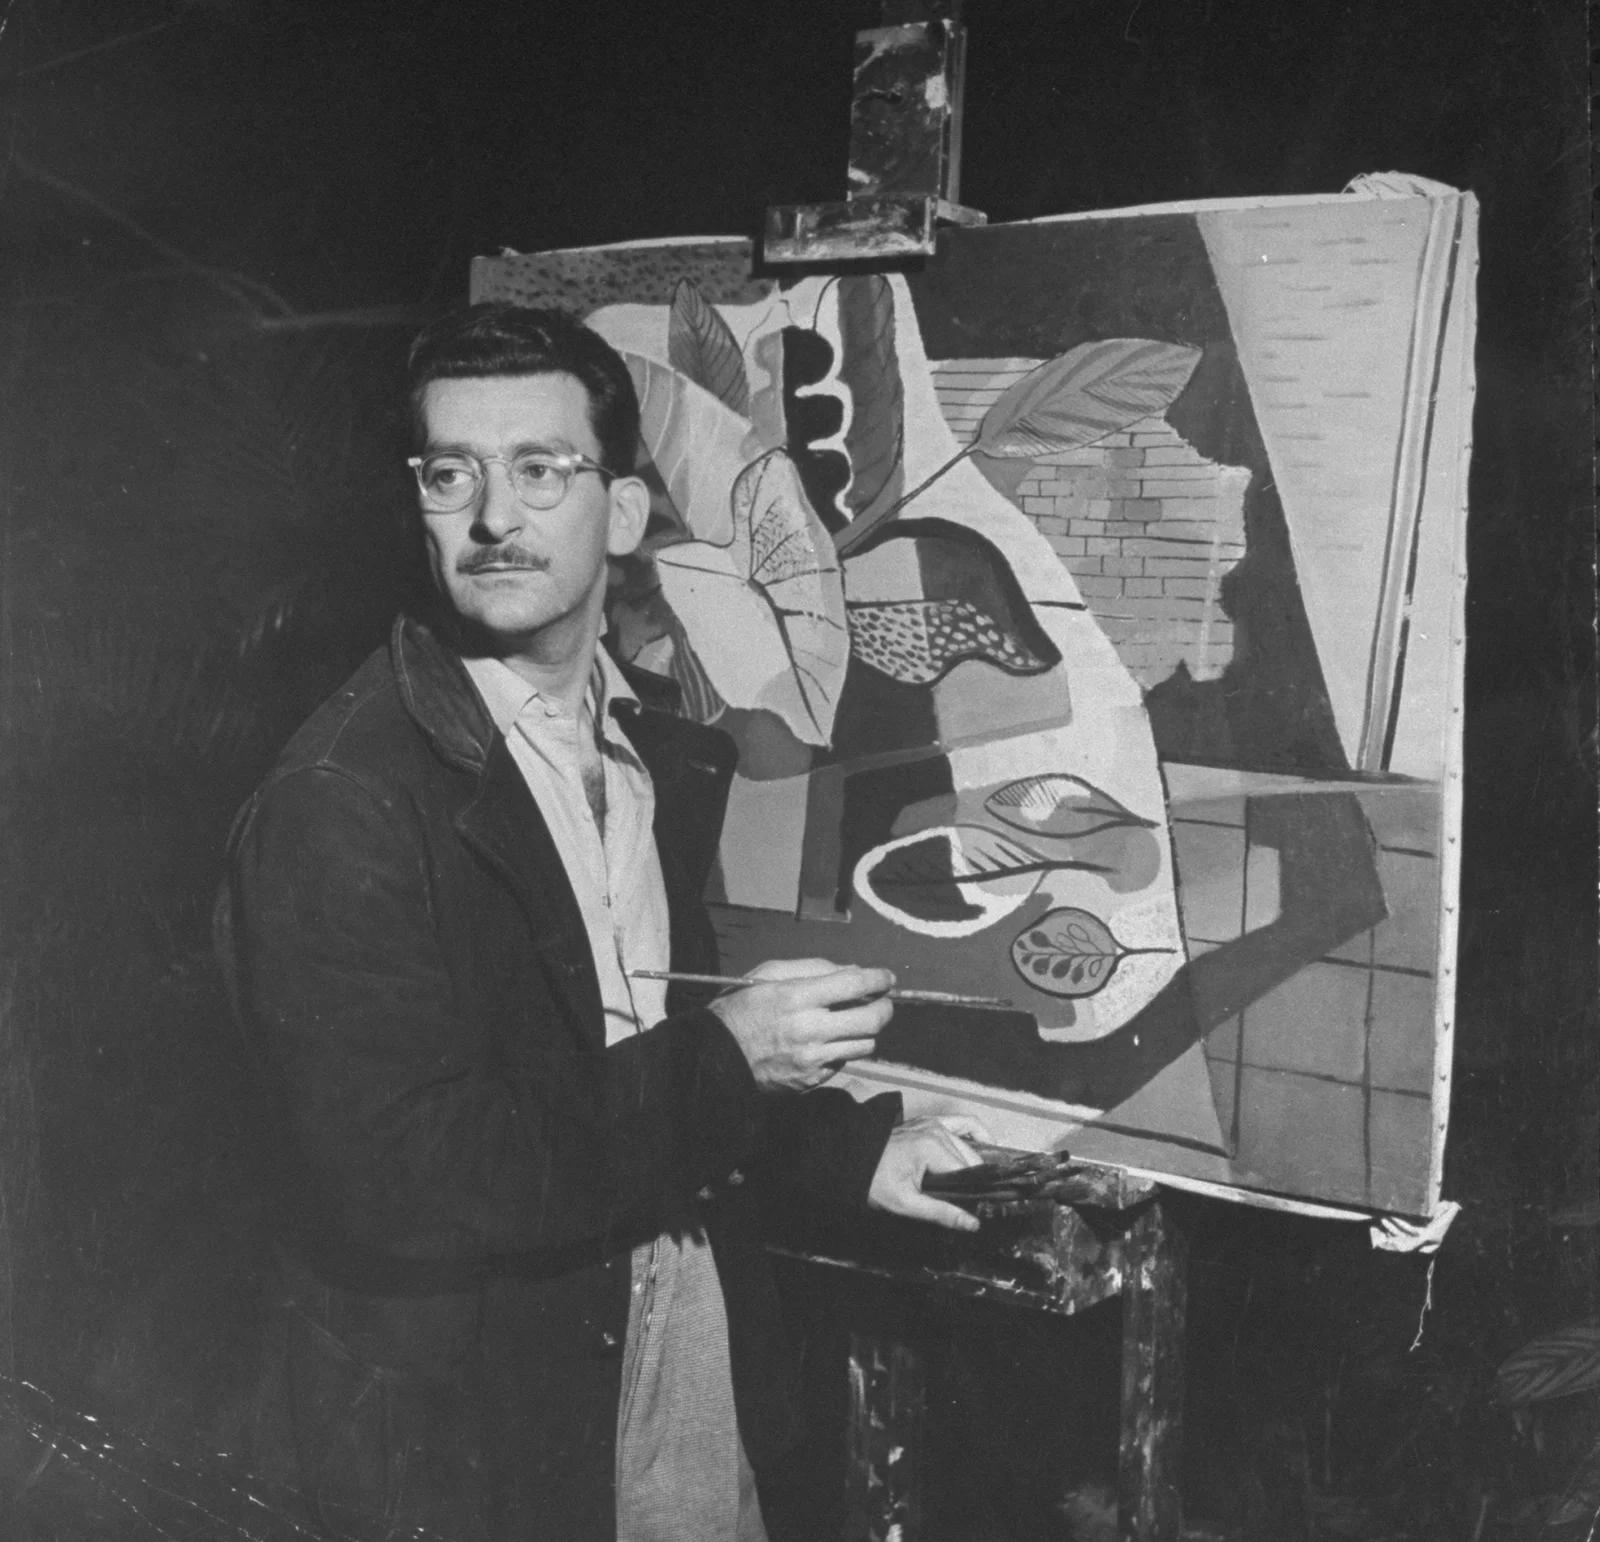 Fotografia de Burle Marx pintando uma tela que está apoiada em um cavalete. Em sua mão, há um pincel.